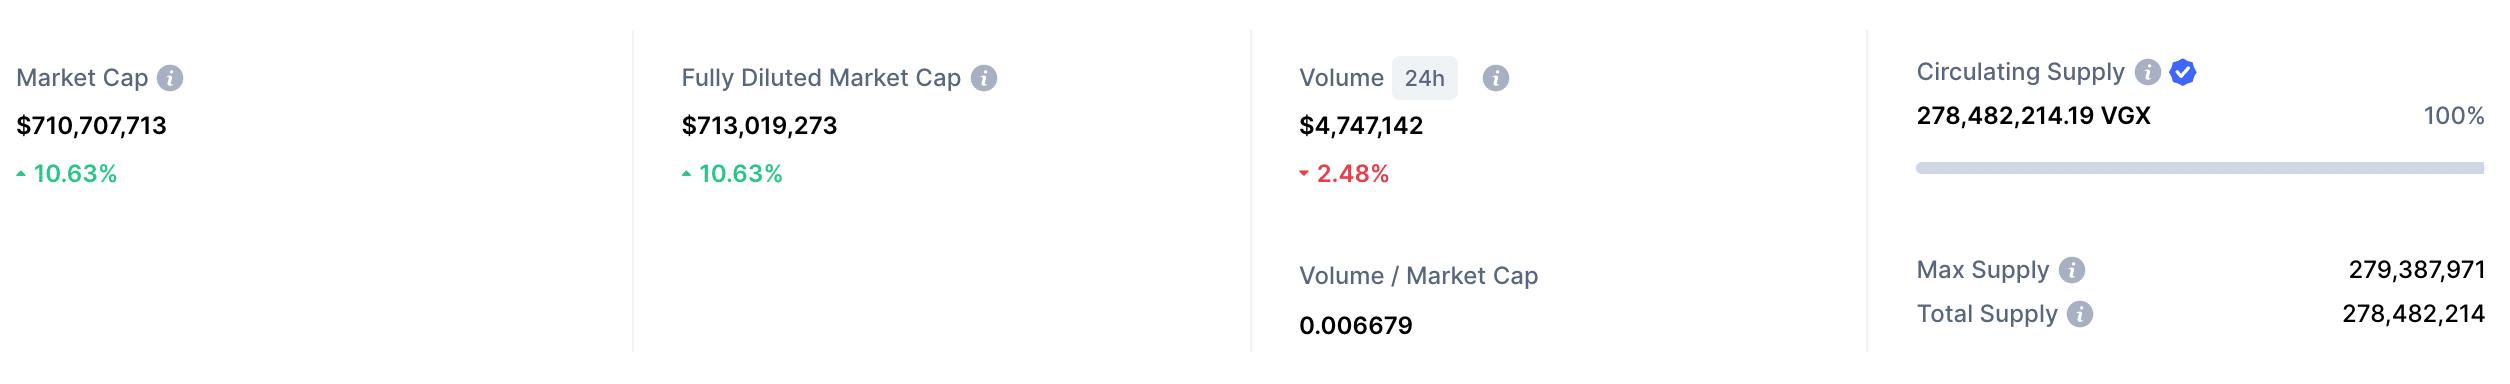 VGT market cap